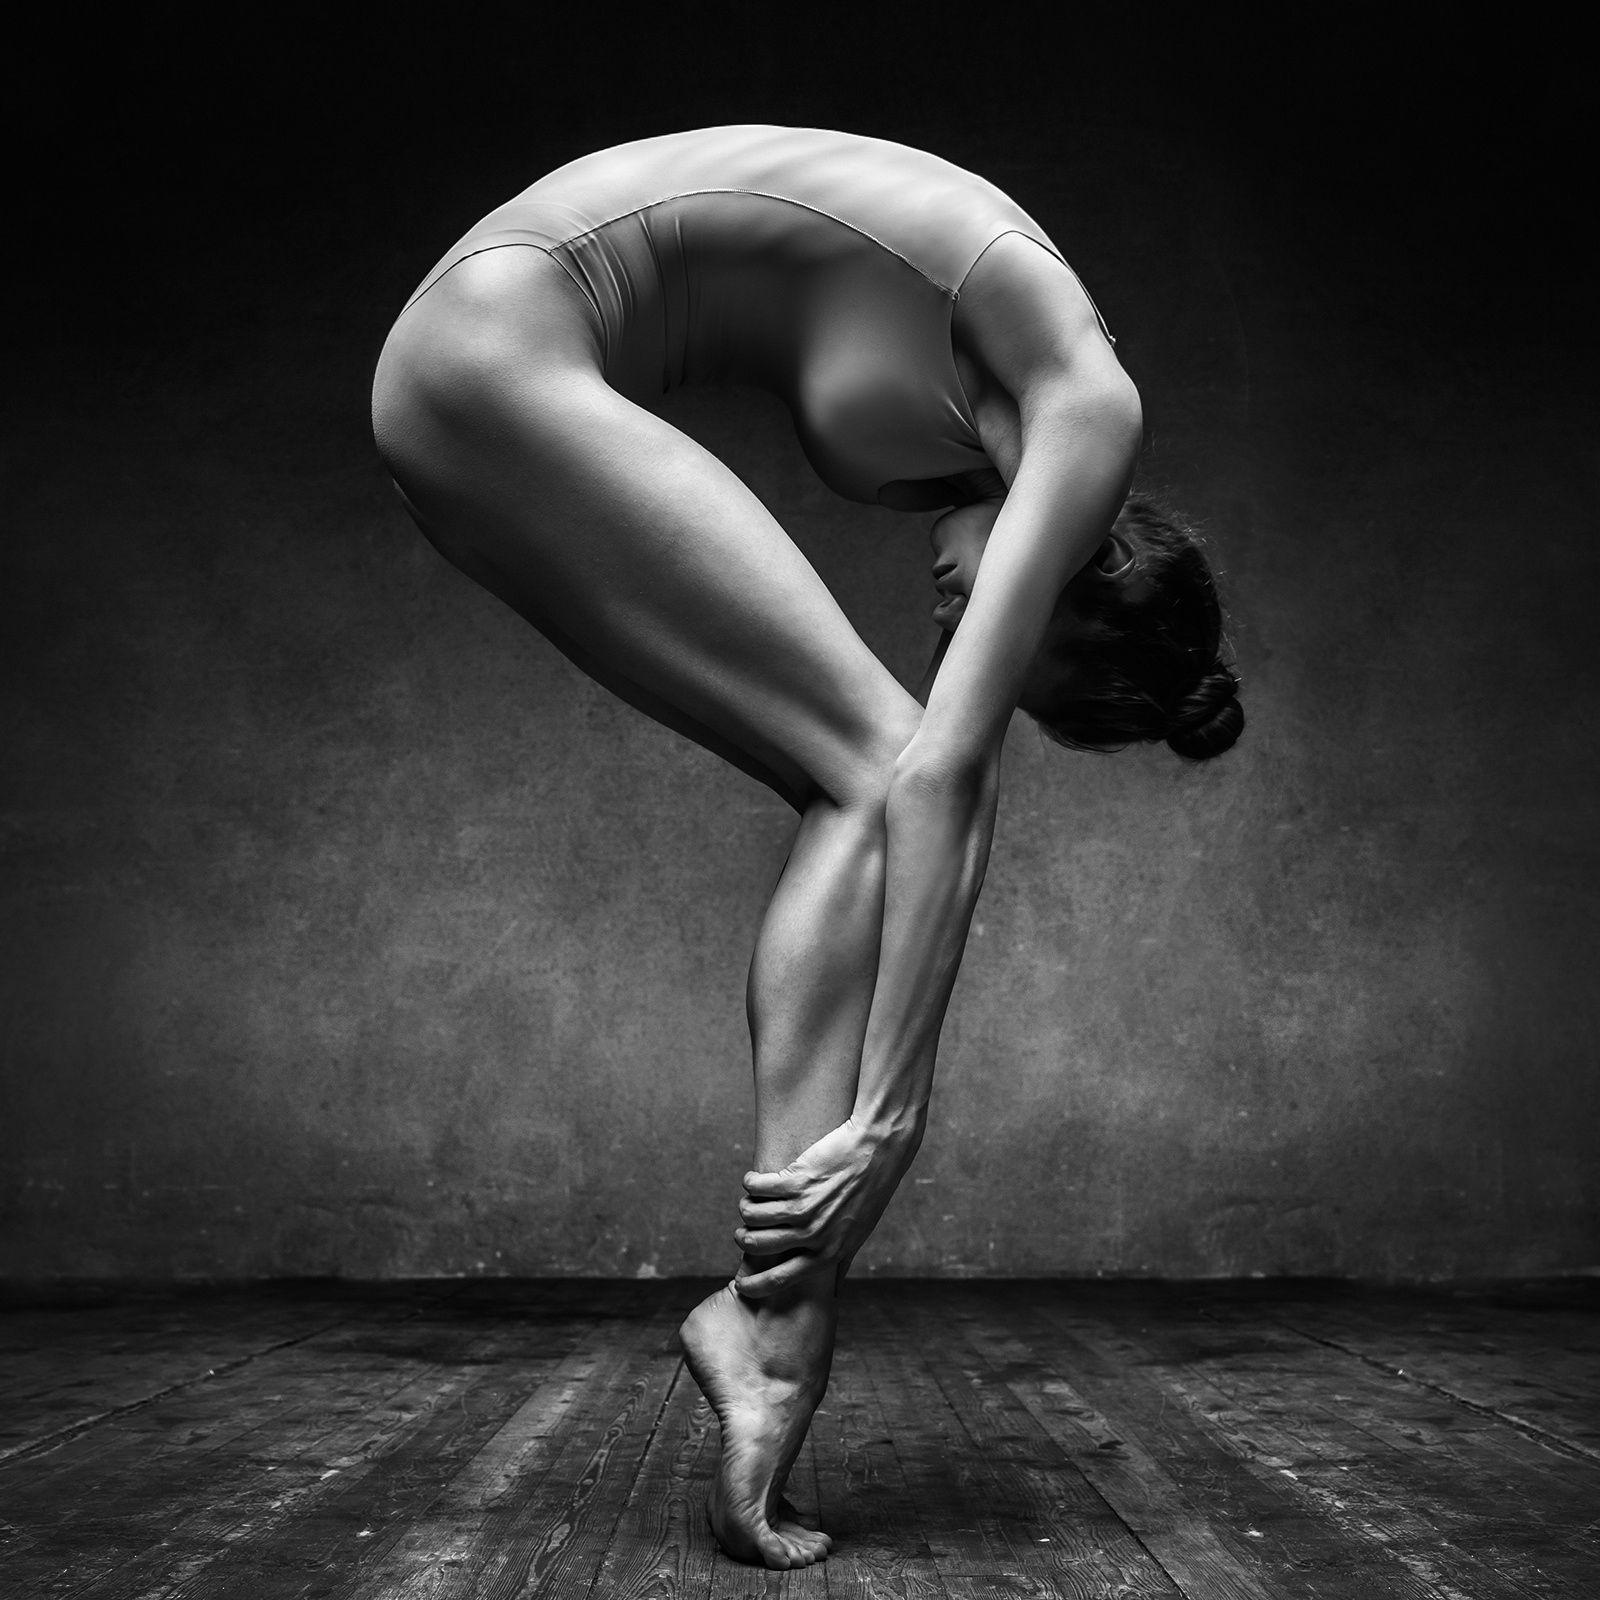 Сексуальные движения в танце 13 фотография